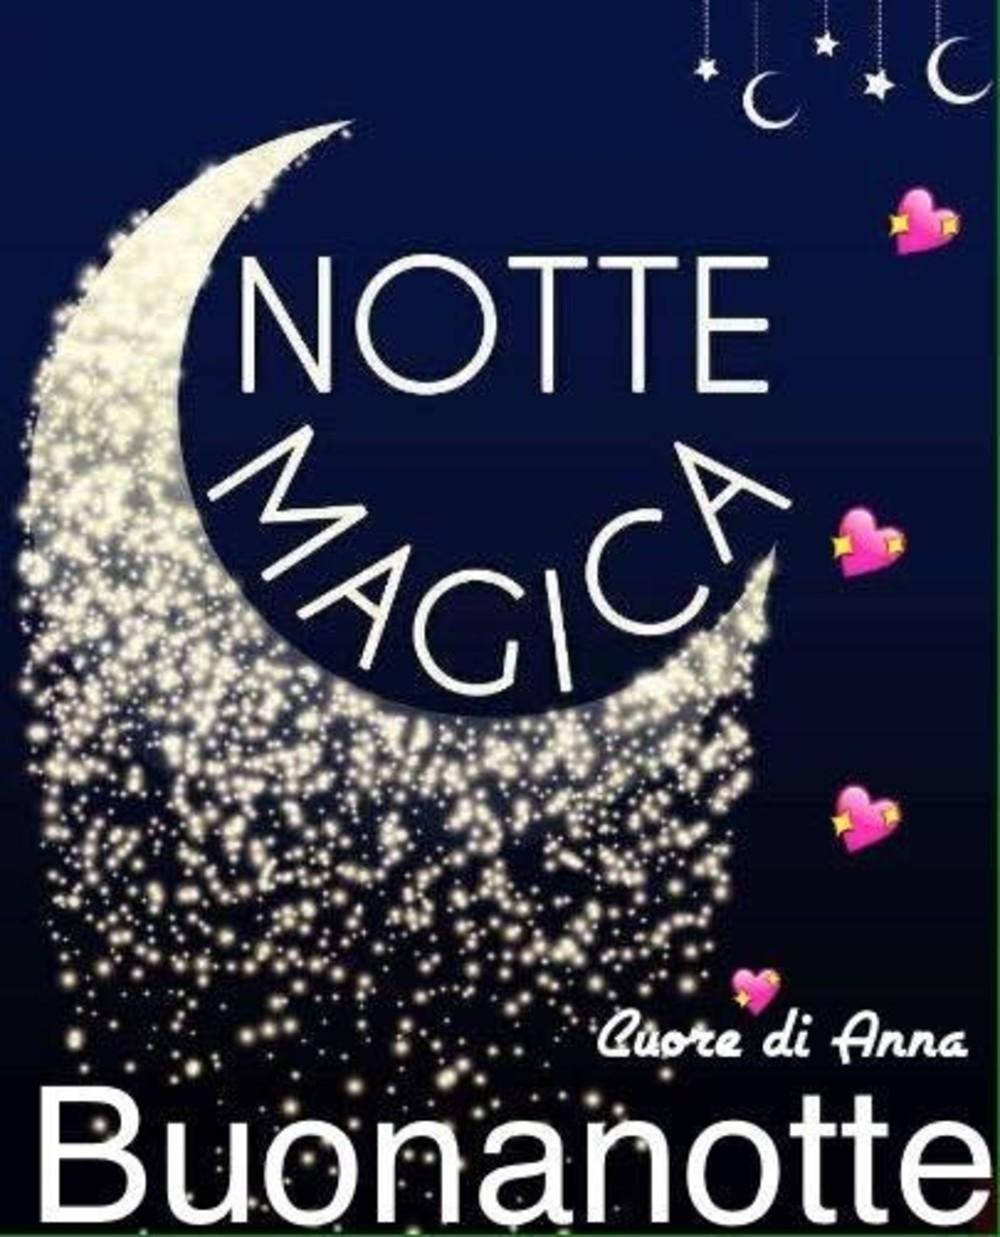 Buonanotte Immagini Belle E Nuove 5 Buongiornocolsorriso It